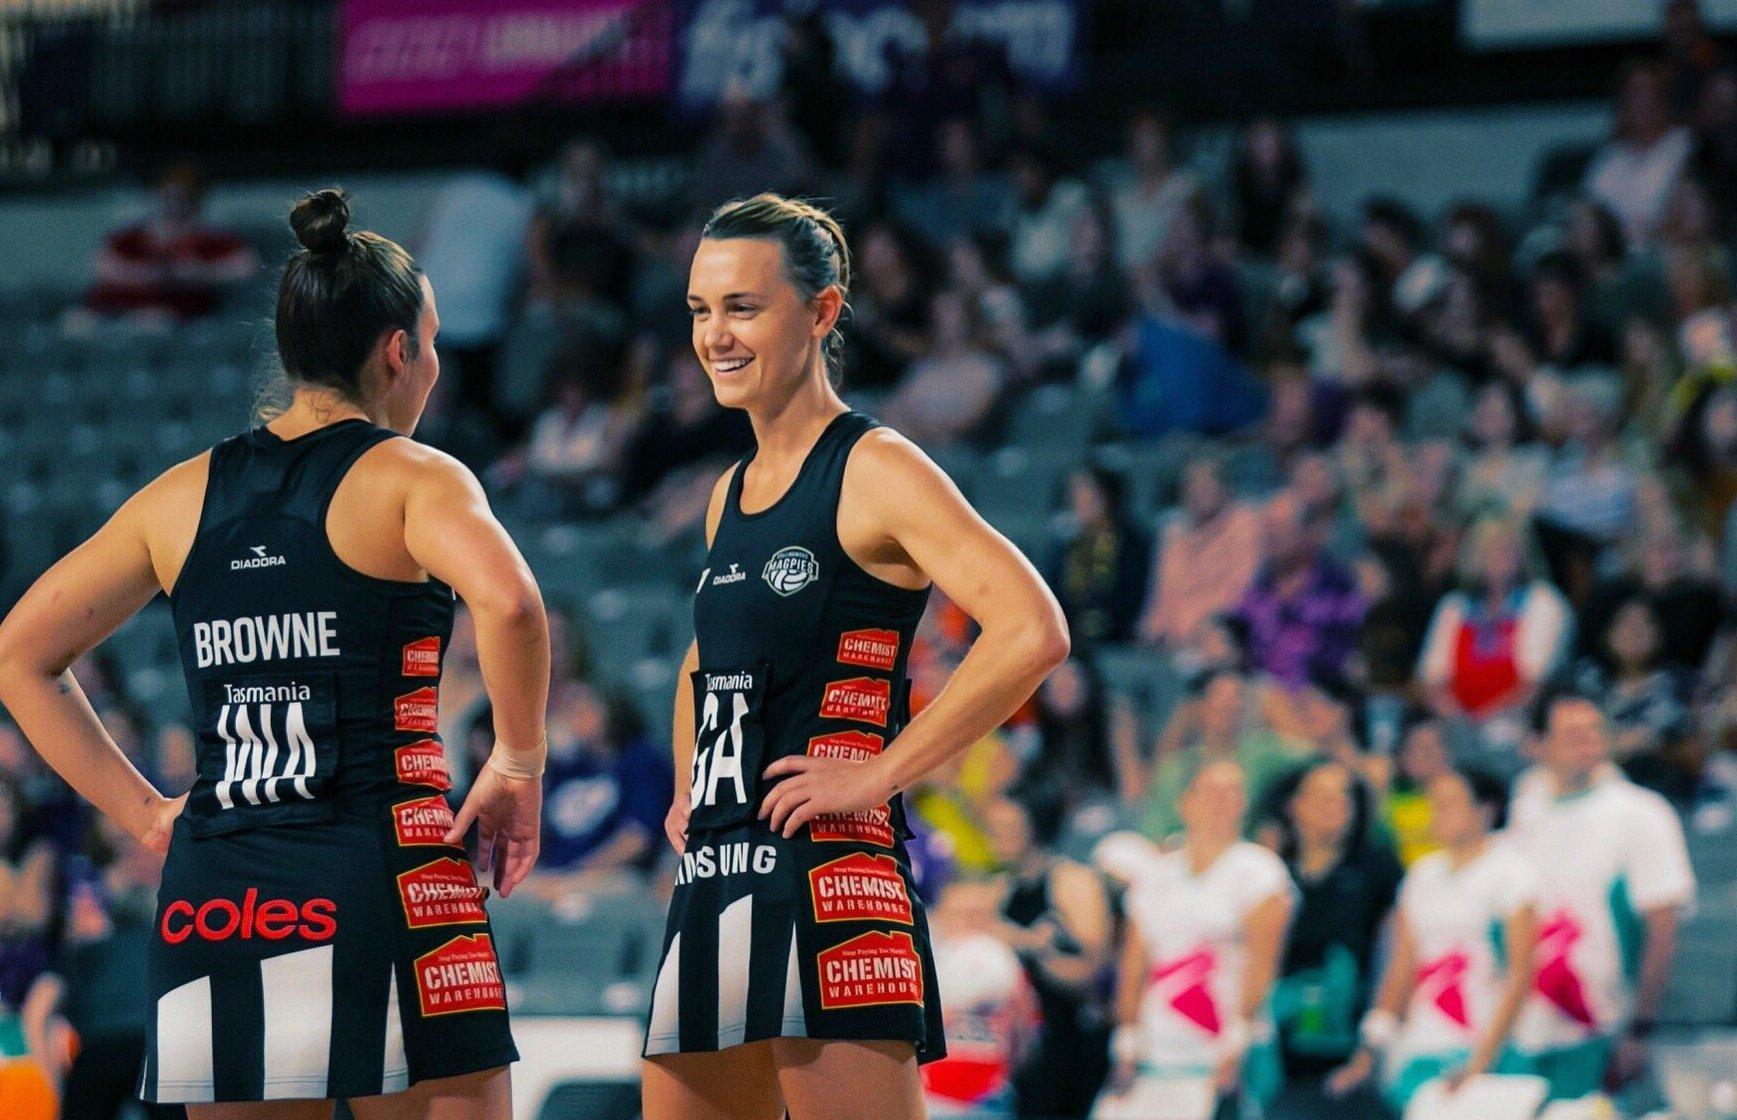 Australian netballer Nat Medhurst announces pregnancy with her partner, former West Eagle's star Sam Butler